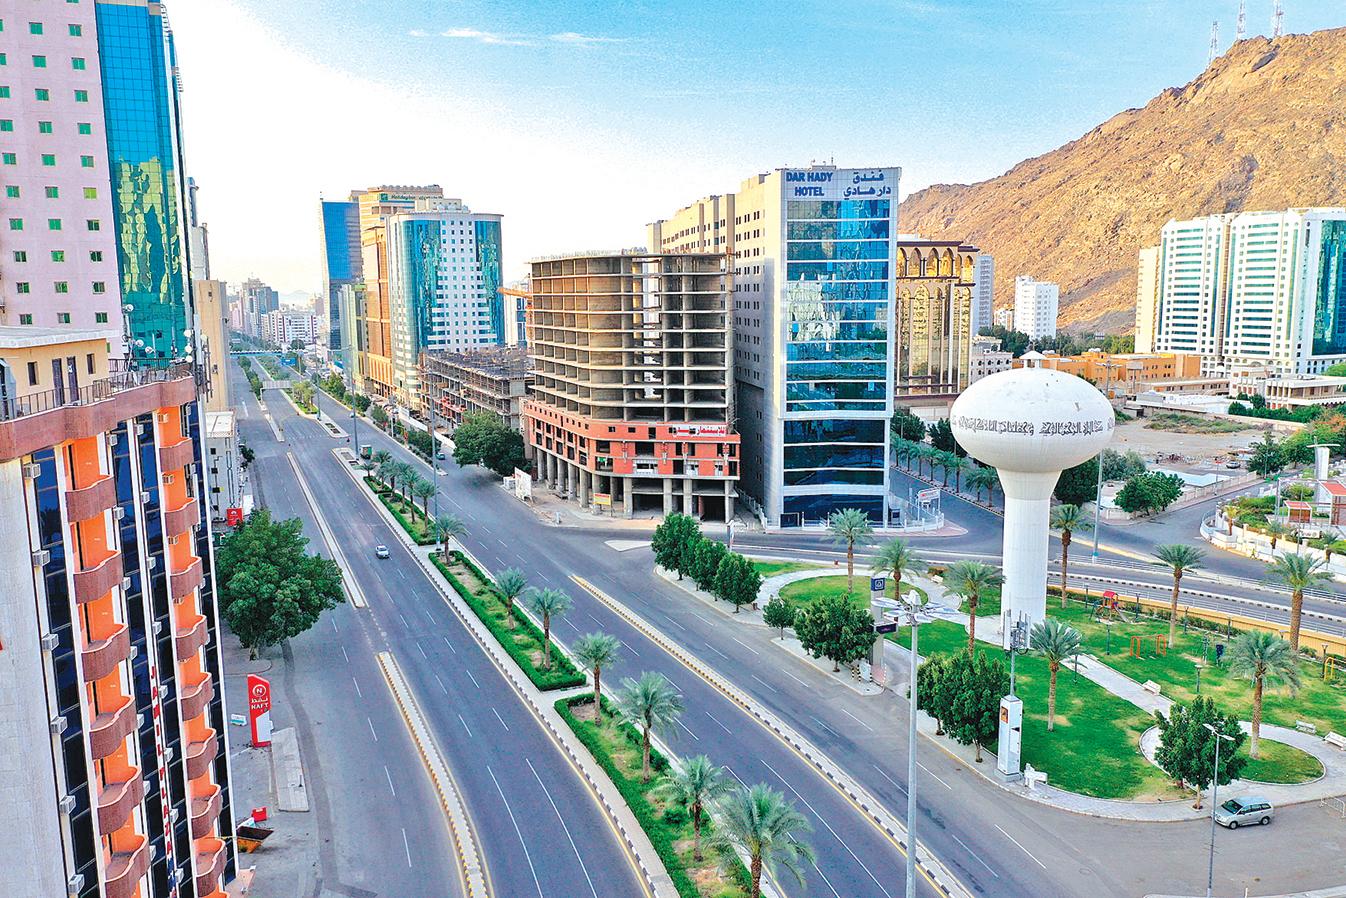 中共病毒疫情持續在中東國家蔓延,至4月20日沙特確診11,600多例,死亡109人;部份地區發布禁足令。圖為在4月8日沙特聖城麥加的一條寂靜的大道。 (Getty Images)